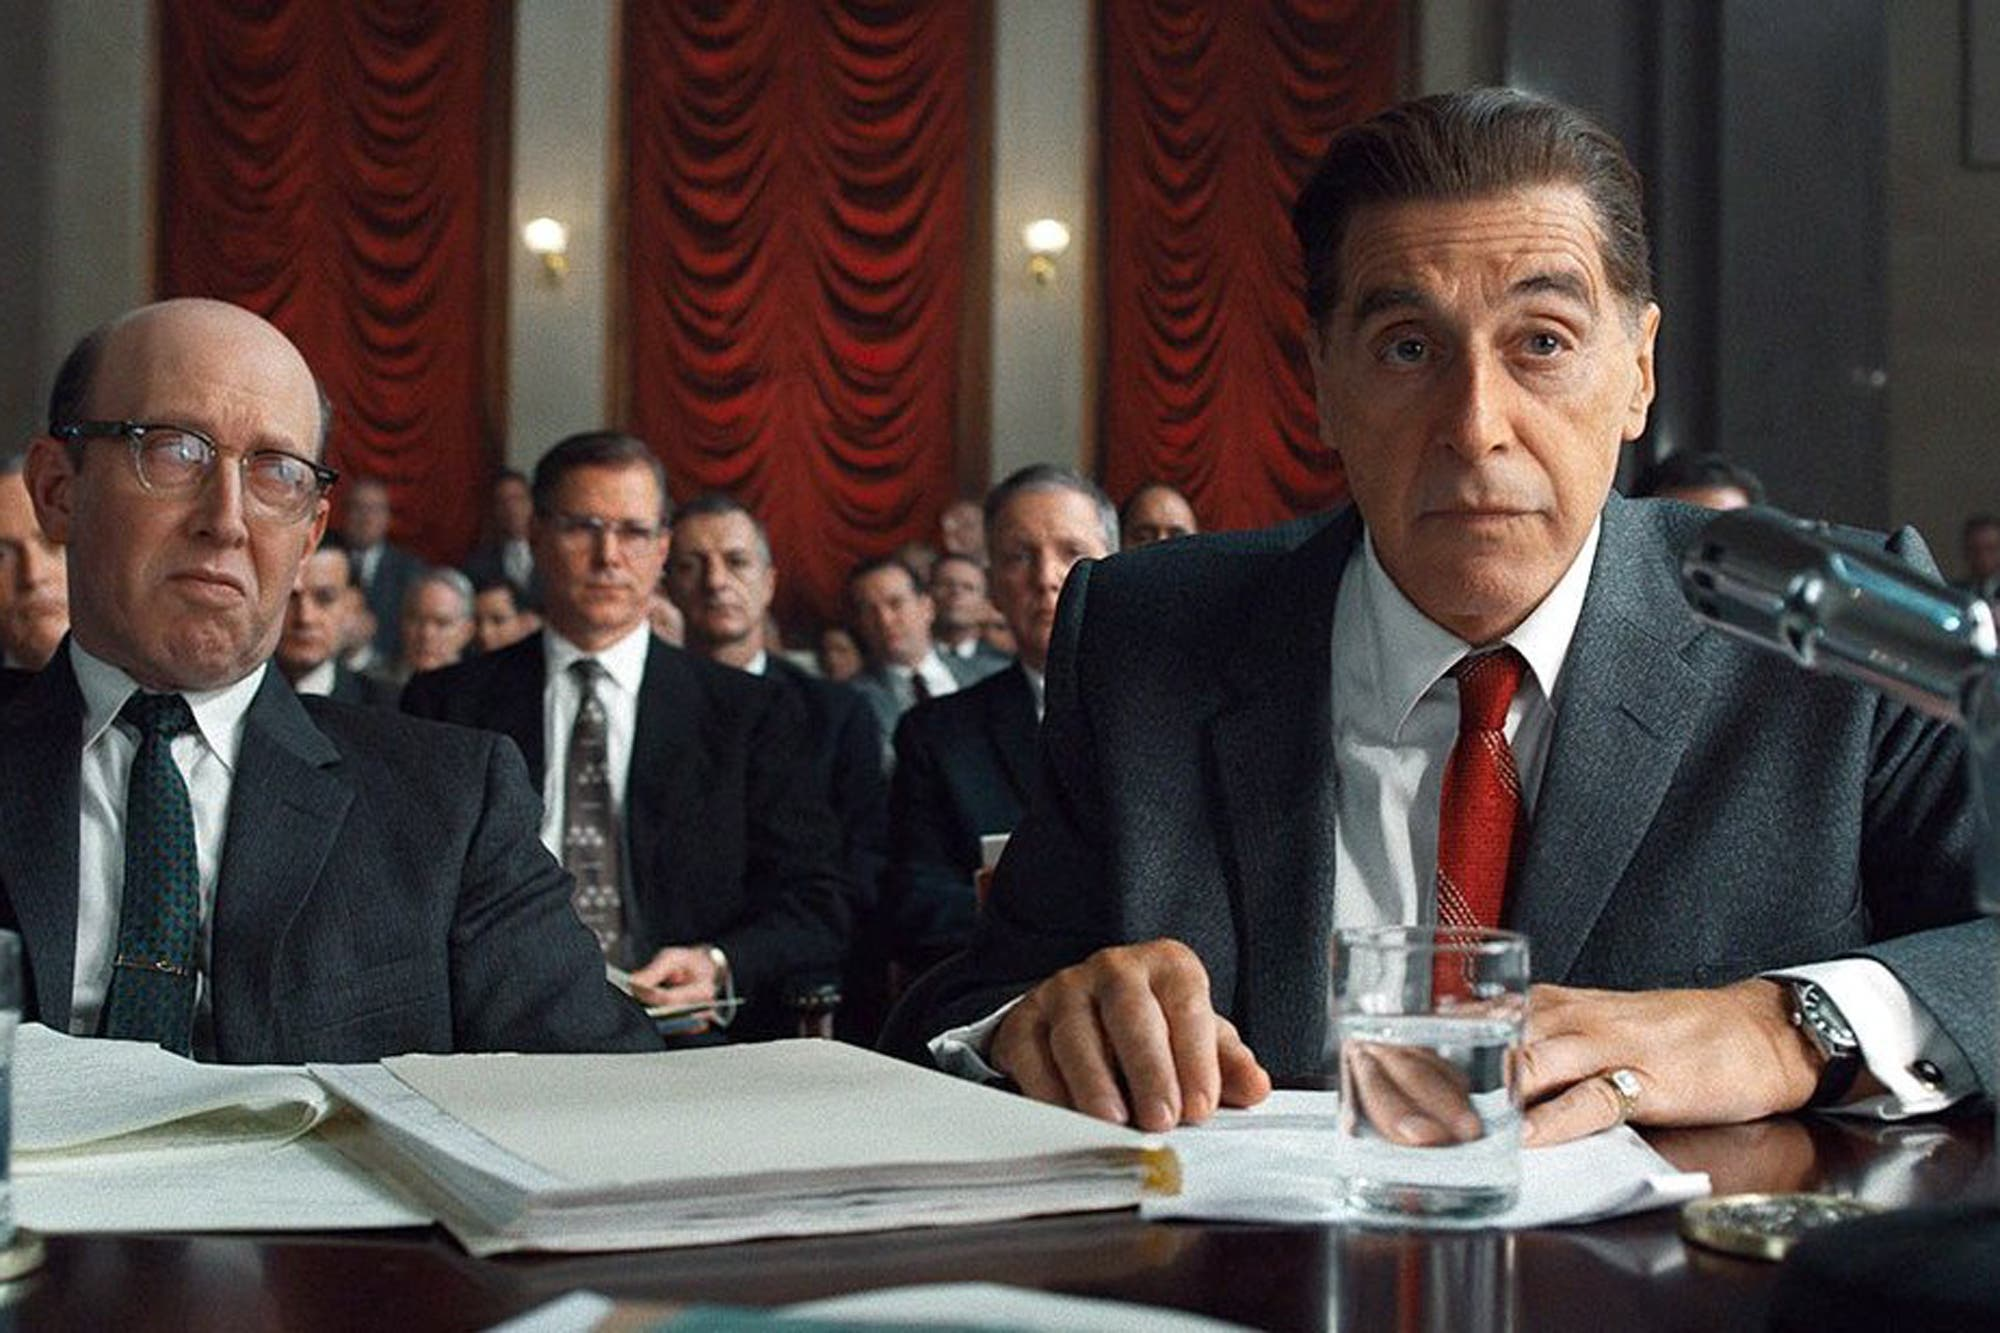 Robert De Niro y Al Pacino: dos mitos vivientes que quieren seguir haciendo historia con El irlandés